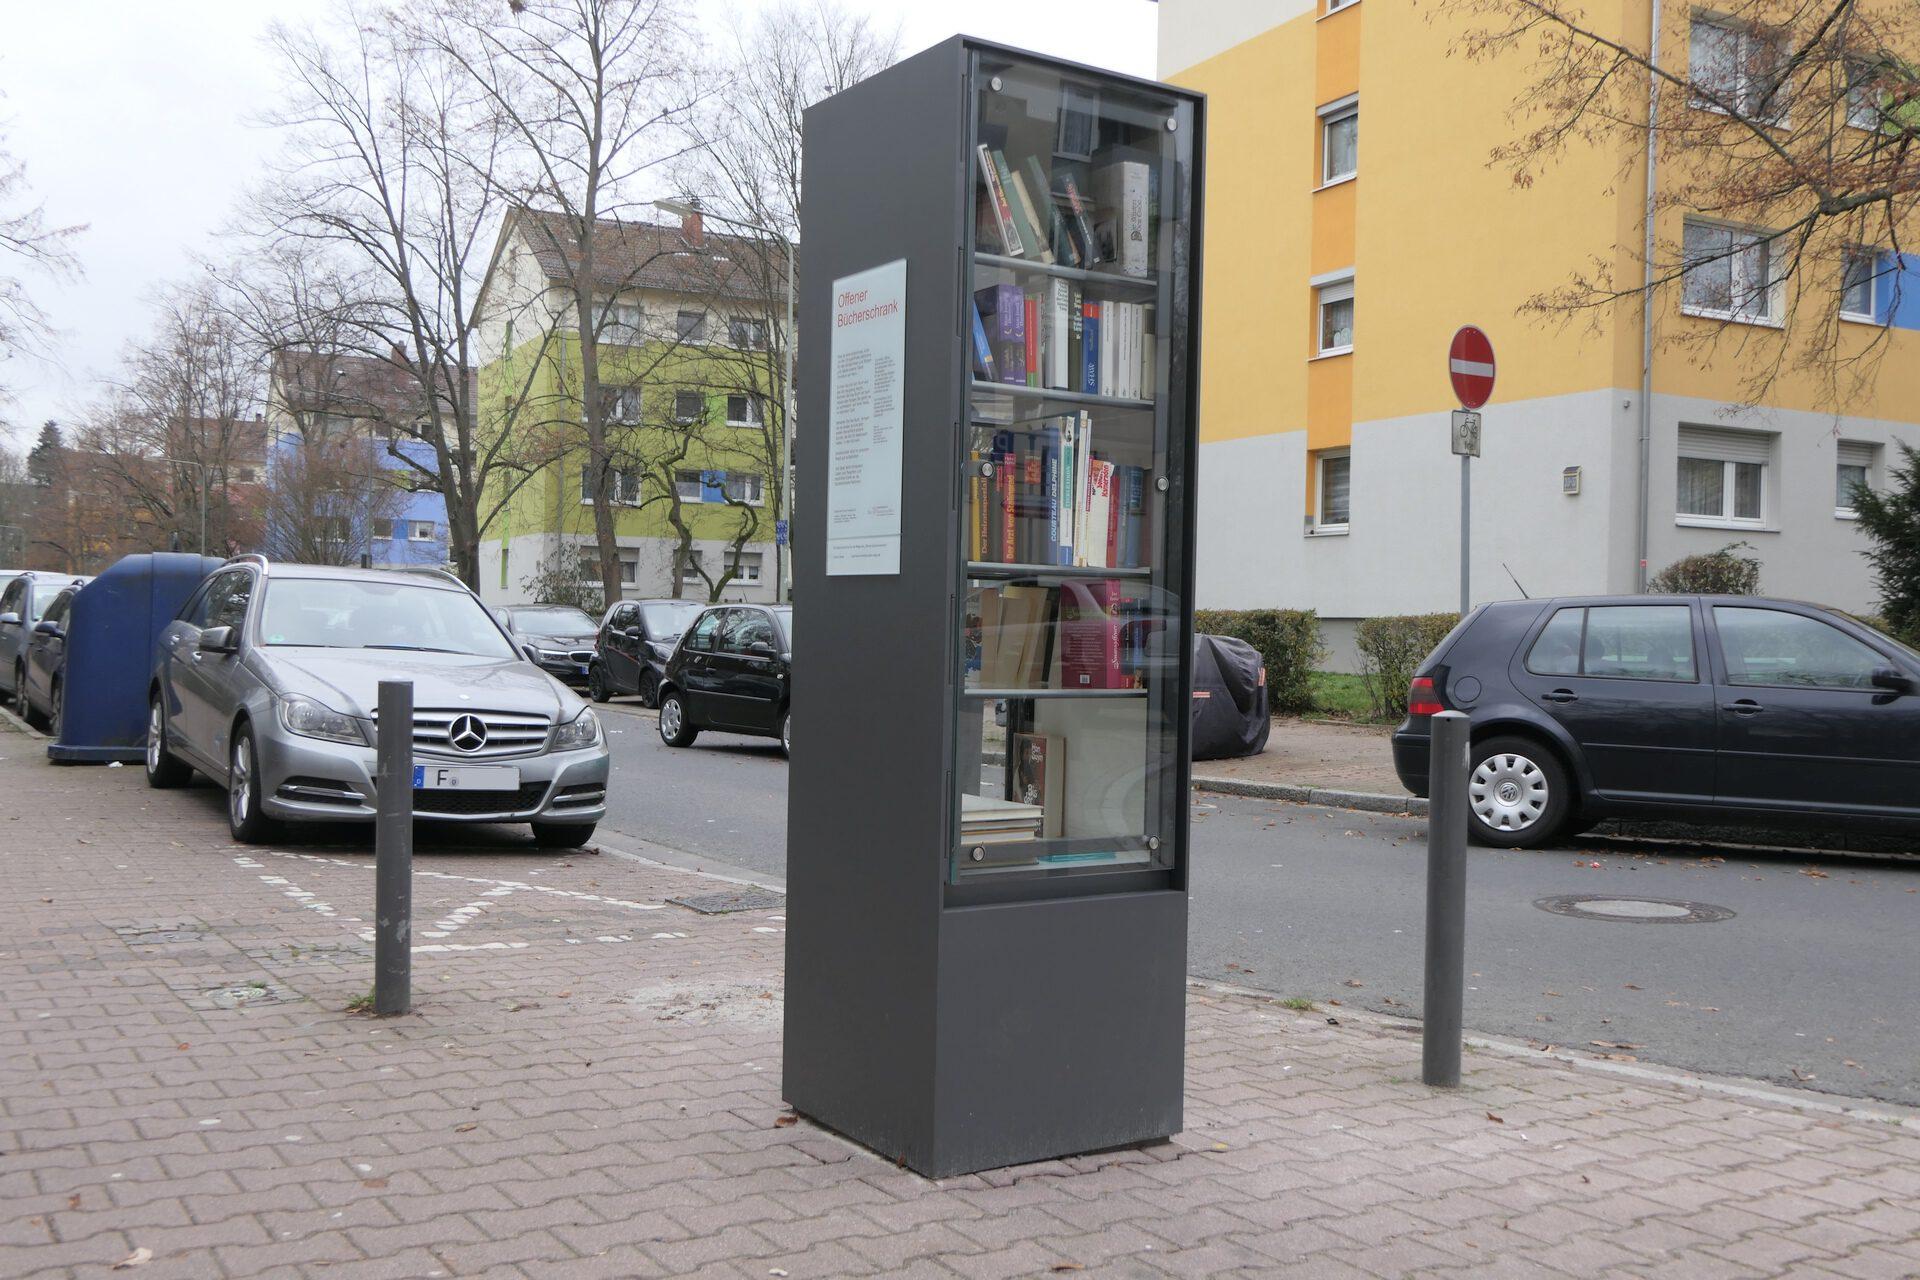 Sieringstraße, Frankfurt am Main Unterliederbach, Offener Bücherschrank